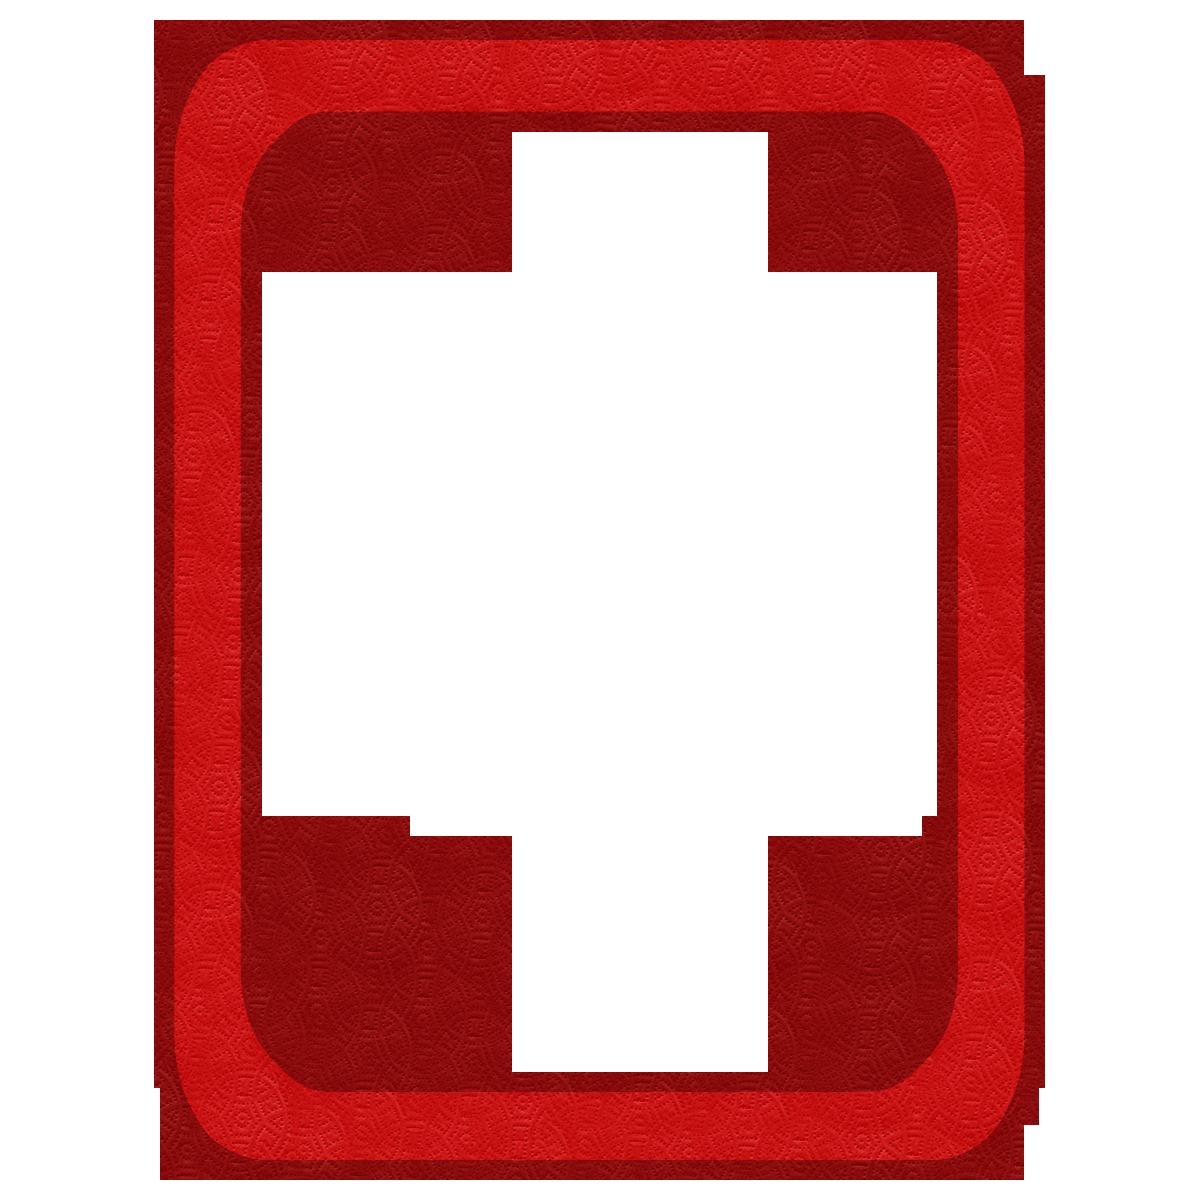 Red frames png kit. Newsletter clipart vintage newspaper